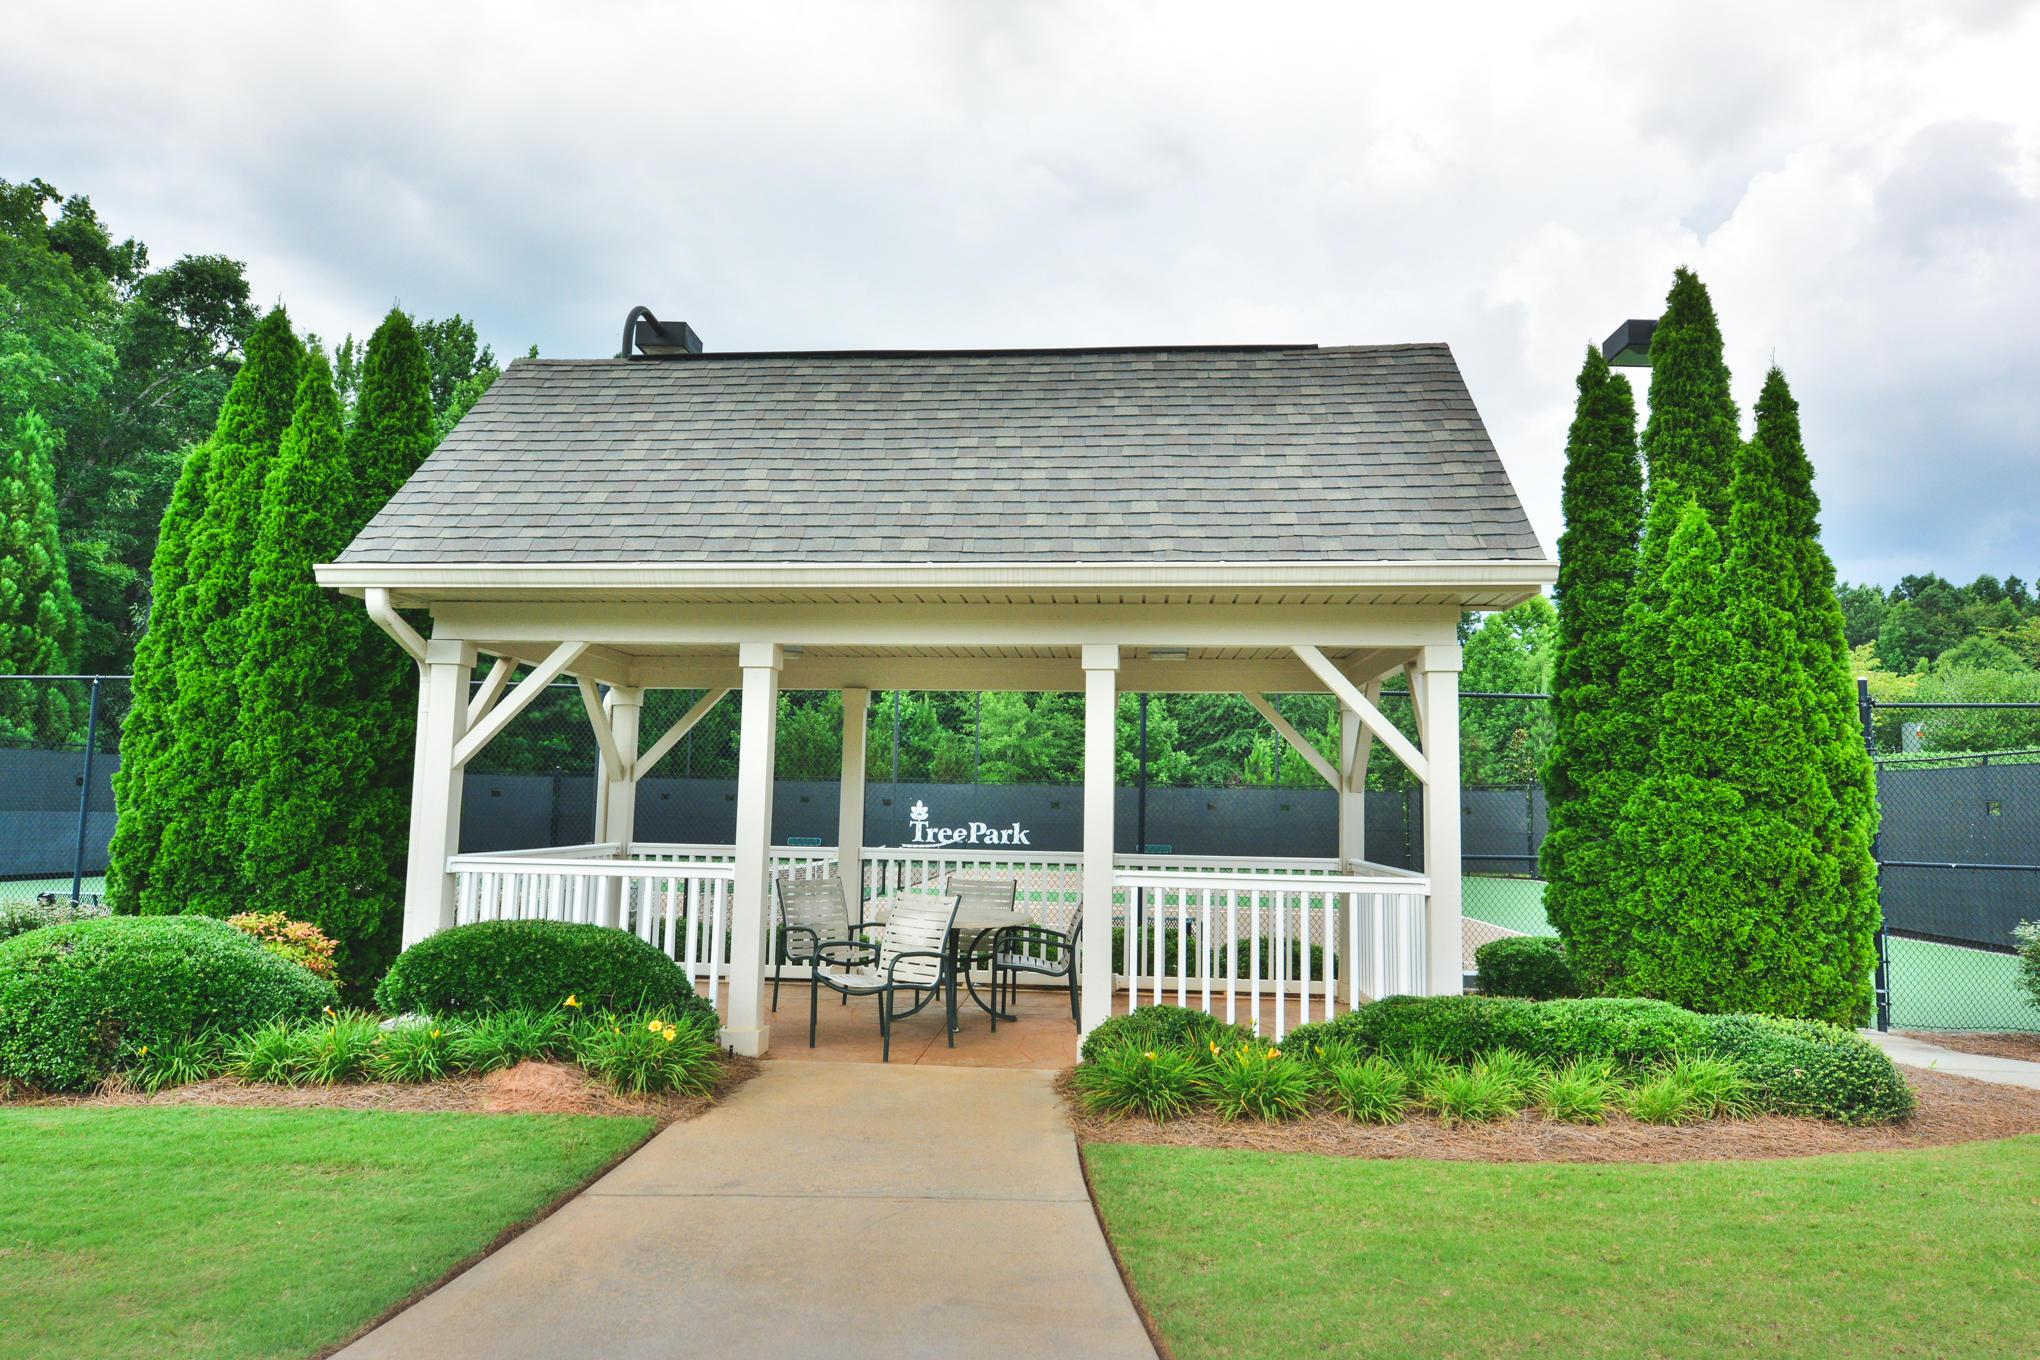 Tree Park image 13